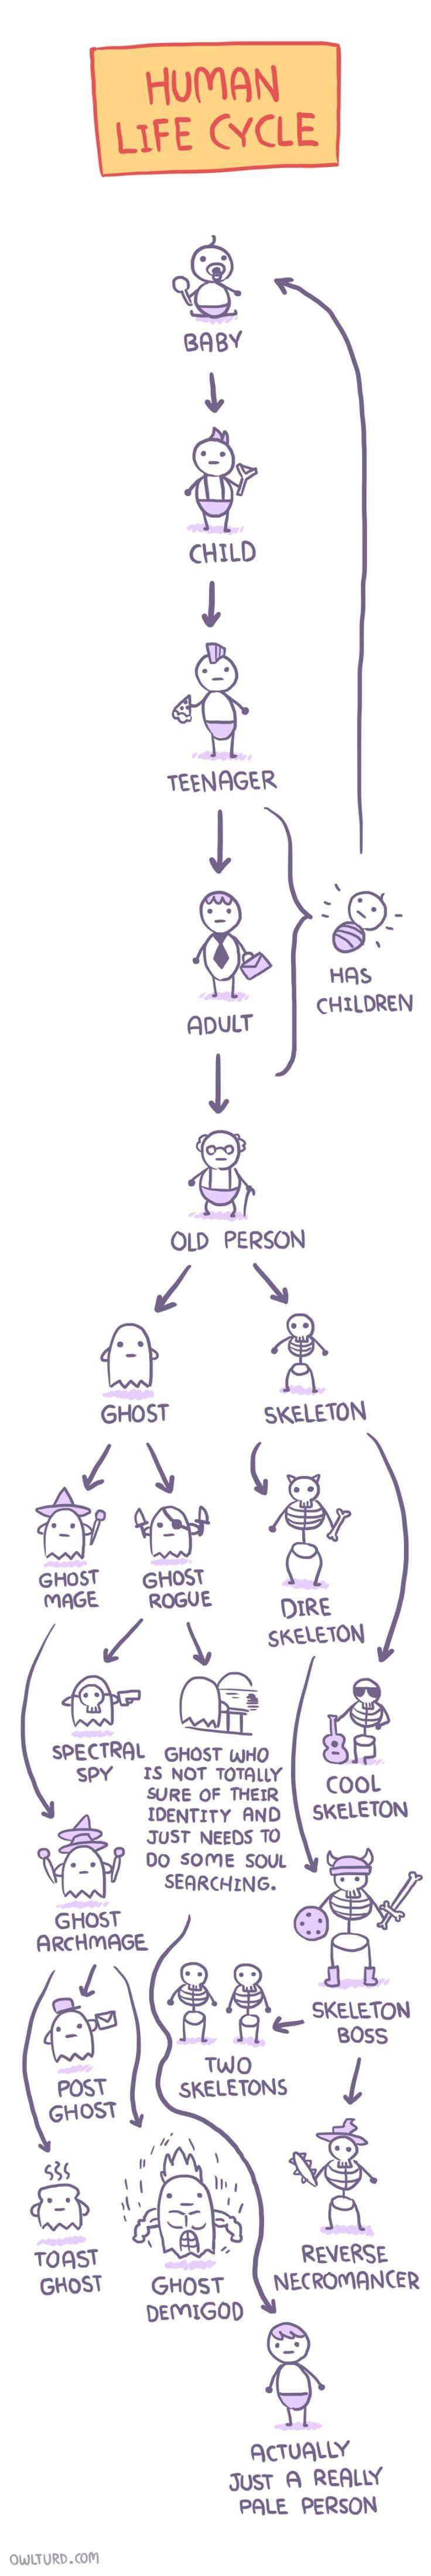 Lo sabia... soy descendiente de un fantasma